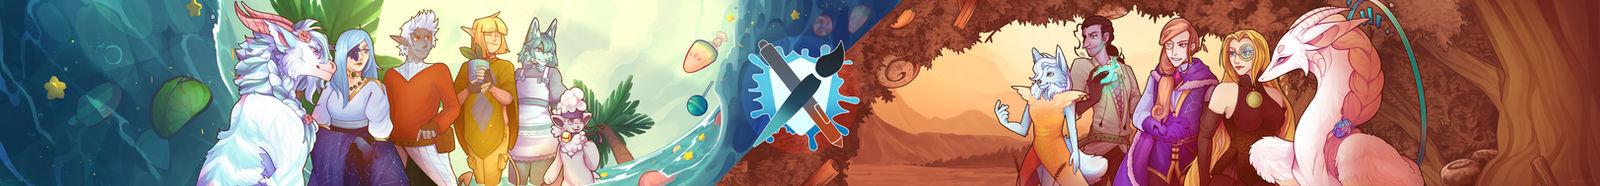 Art Fight 2020 Banner 2